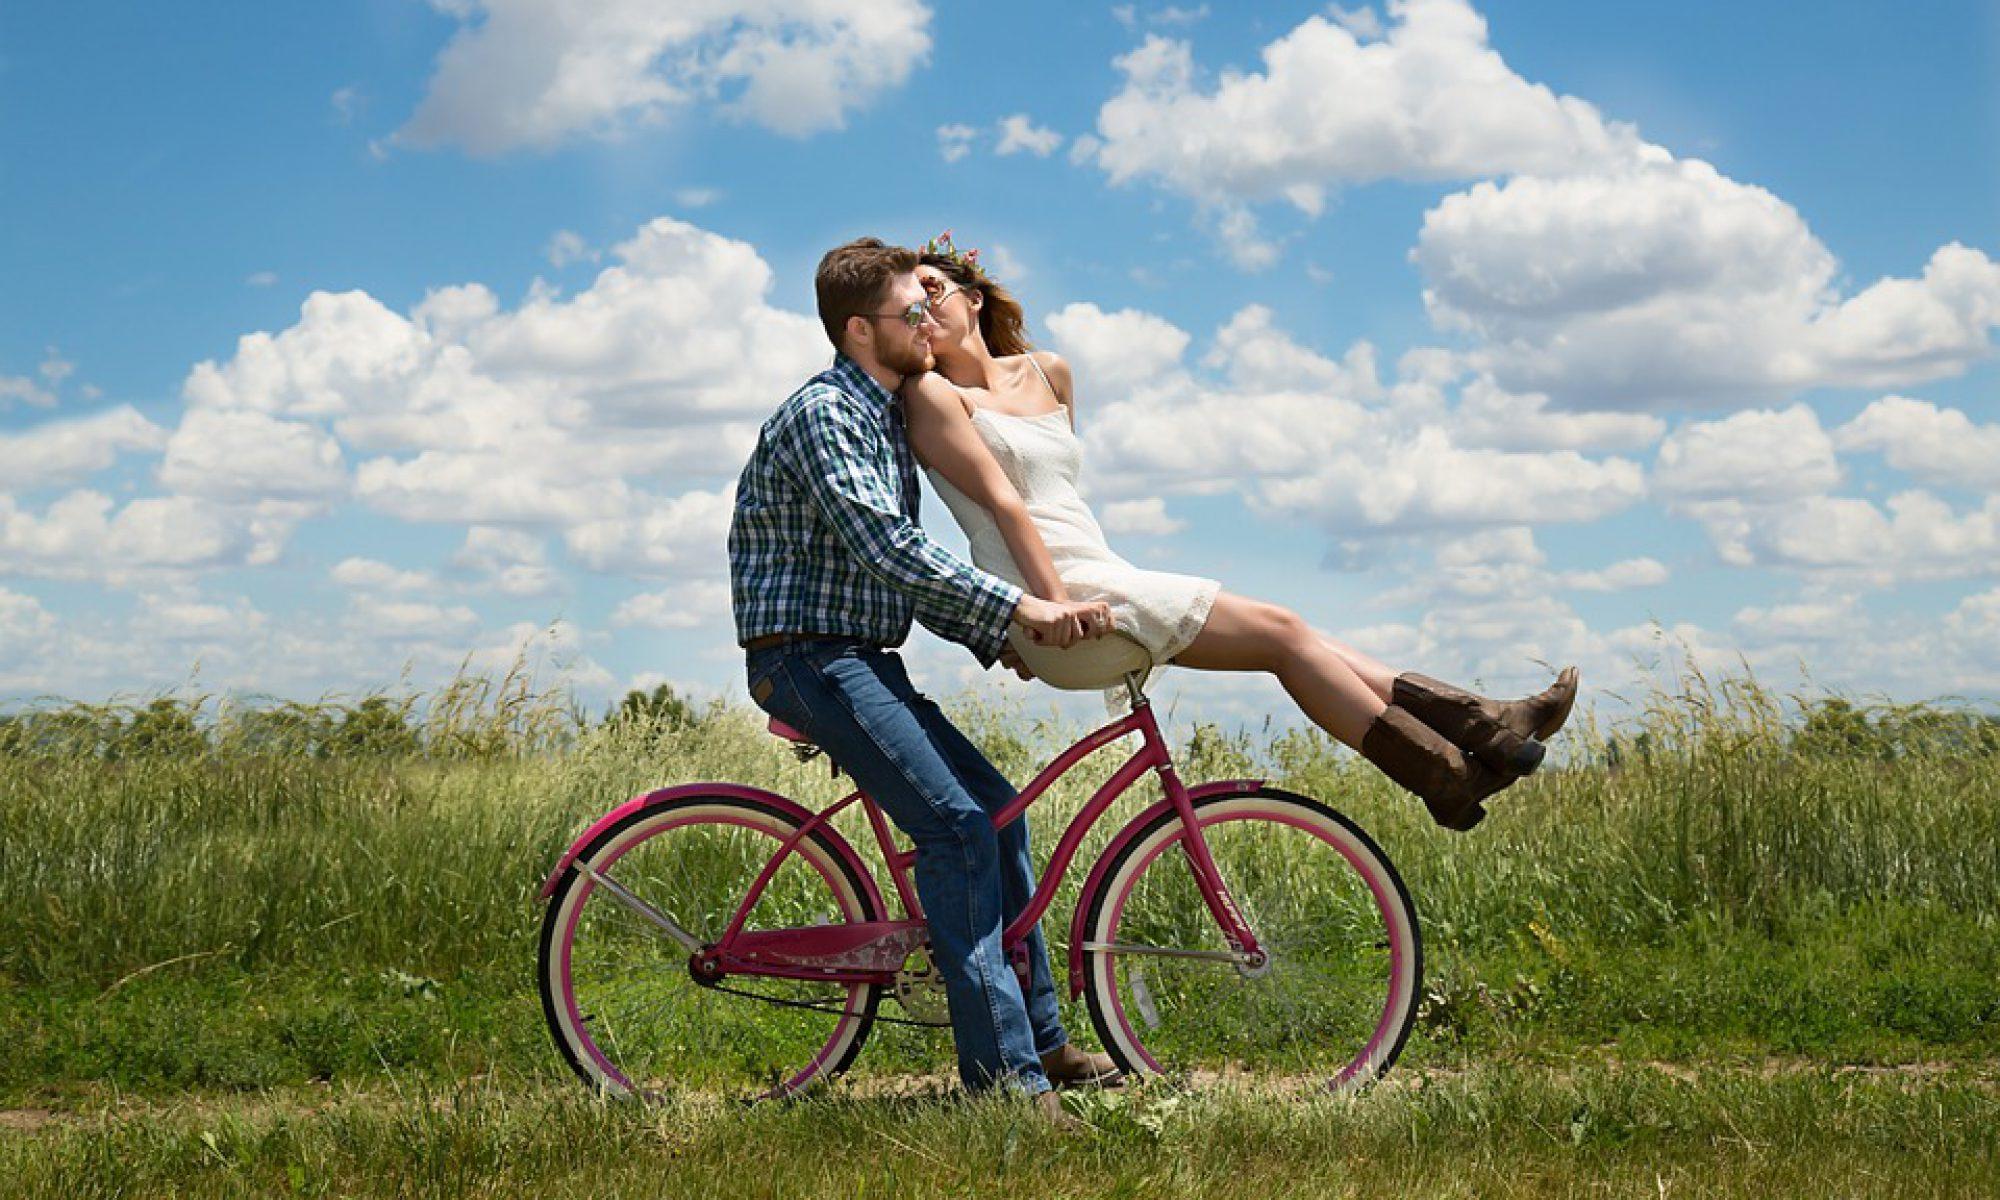 Une majorité de Français rencontrent leur premier conjoint chez des amis